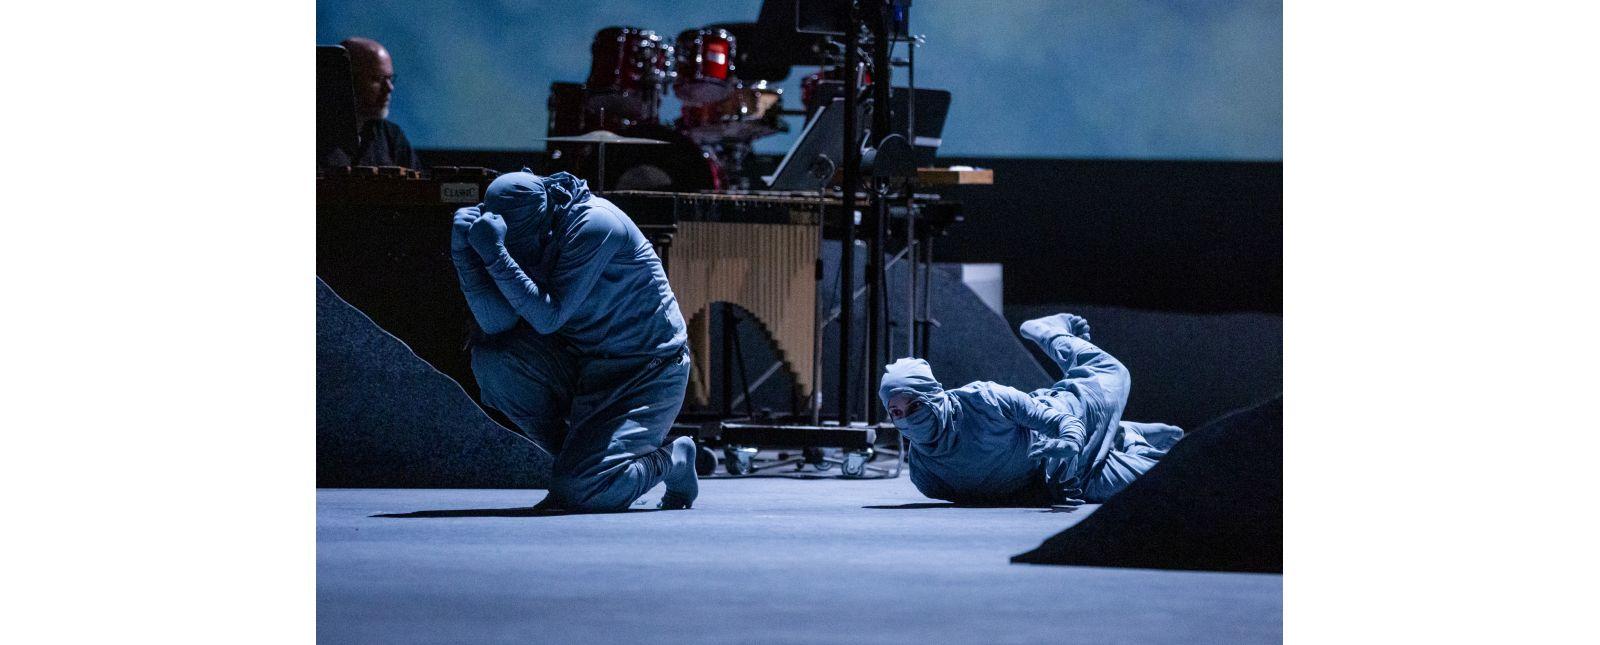 ICH BIN DER WELT ABHANDEN GEKOMMEN // Maria Pires / Graham Smith / Mitglieder des Philharmonischen Orchesters Freiburg // 2020 // Rainer Muranyi